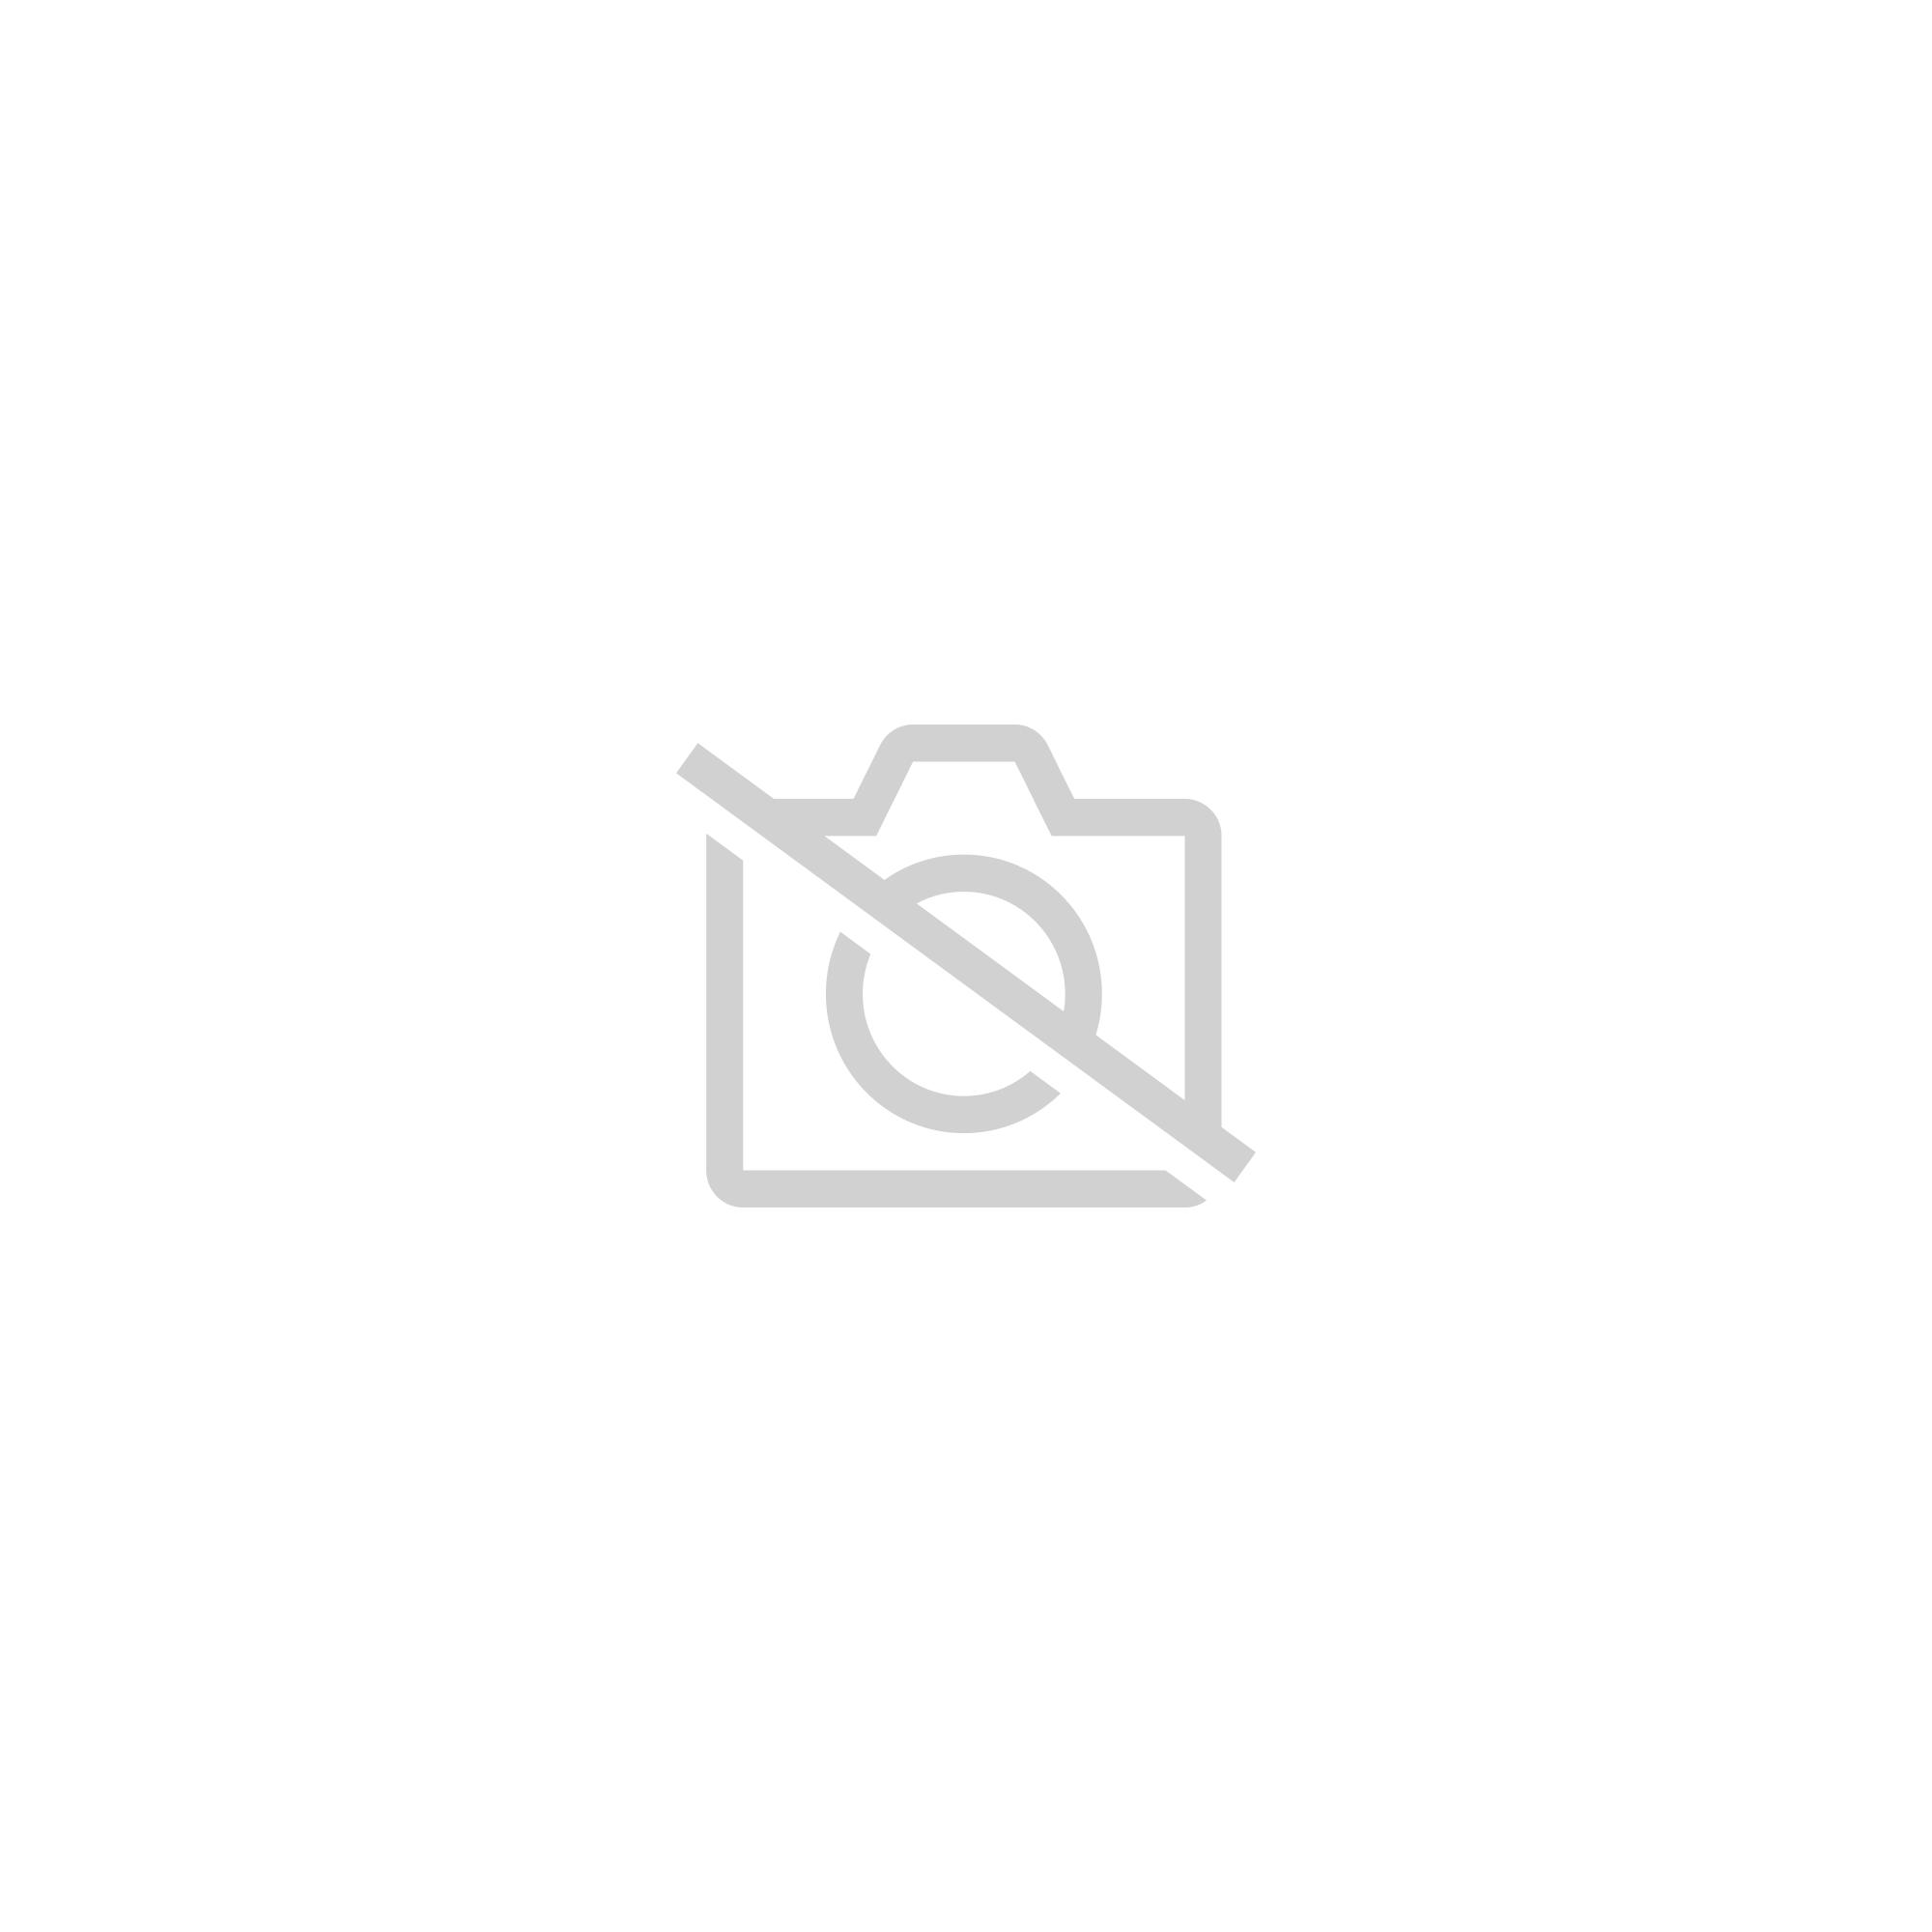 Gironde Fete Patrimoine Culture Marche Nocturne Agenda